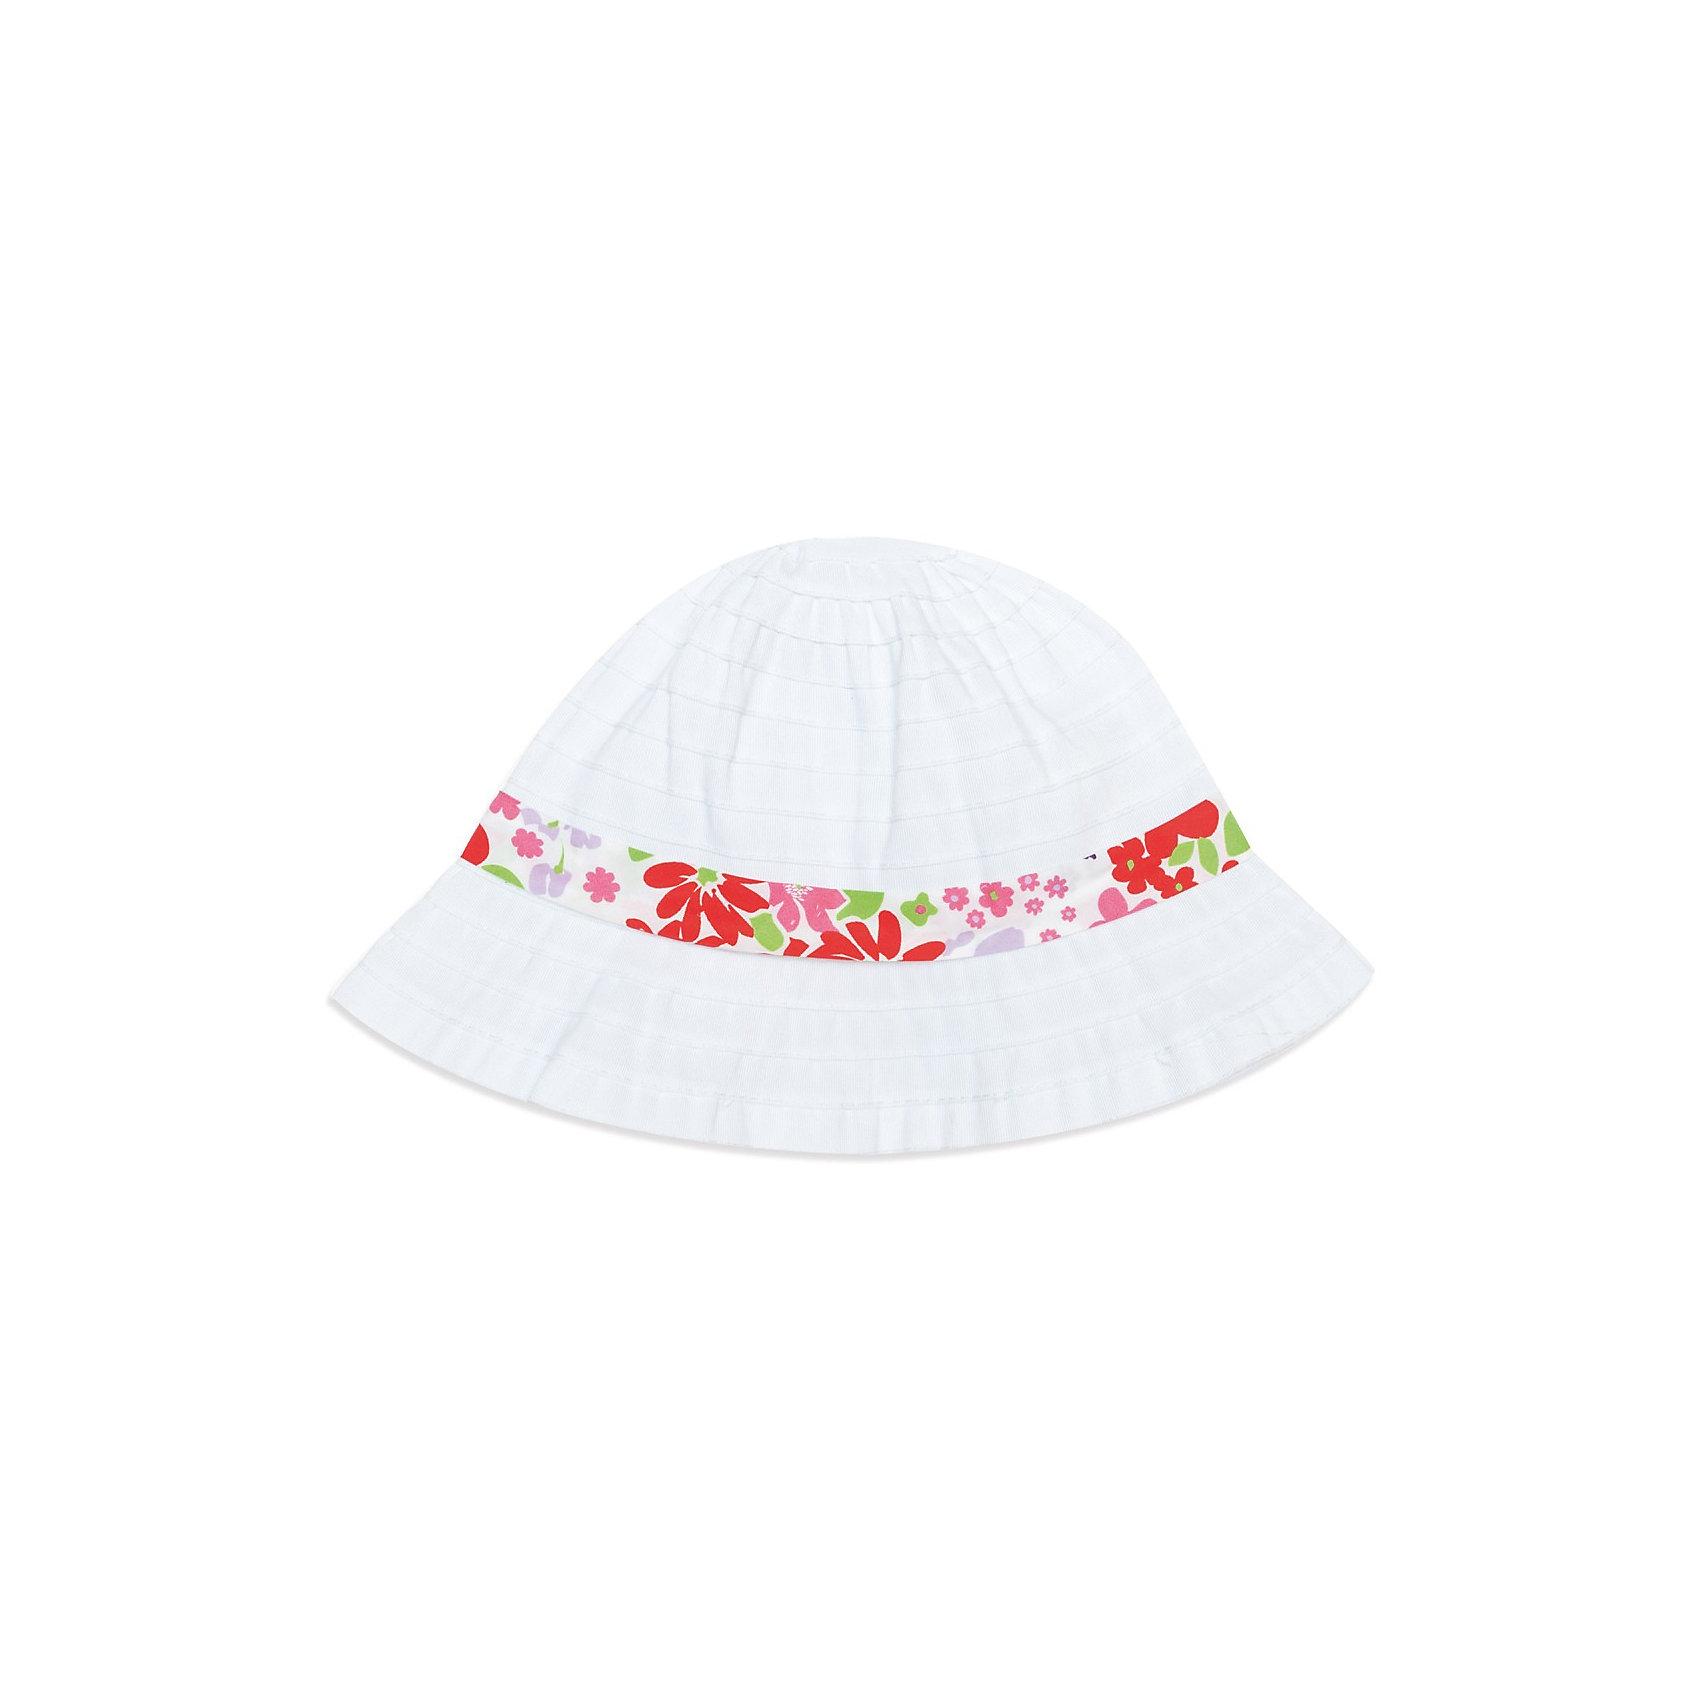 Шляпа  PlayTodayШляпа   от PLayToday.<br>* стильная шляпа с небольшими полями надежно защитит голову ребенка от перегревания, а глаза от попадания прямого солнечного света<br>* модель из плетеного <br>* украшена яркой трикотажной лентой и объемным цветком<br><br>Состав:<br>100% полиэстер<br><br>Шляпа   PlayToday (Плэйтудей) можно купить в нашем магазине.<br><br>Ширина мм: 89<br>Глубина мм: 117<br>Высота мм: 44<br>Вес г: 155<br>Цвет: белый<br>Возраст от месяцев: 24<br>Возраст до месяцев: 36<br>Пол: Женский<br>Возраст: Детский<br>Размер: 50,52,54<br>SKU: 3512106